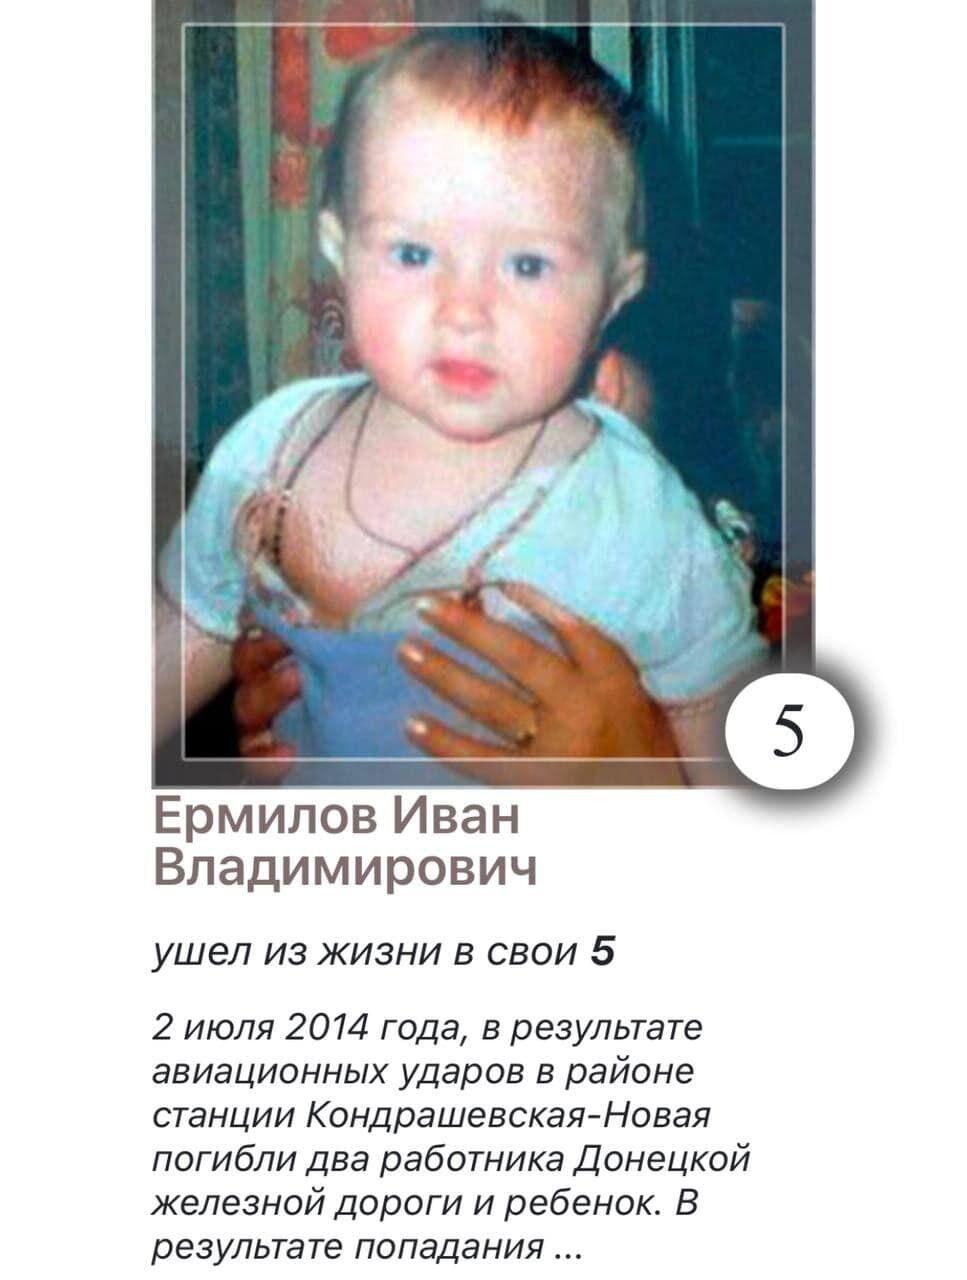 Фото того же ребенка и информация о гибели в 2014 году.